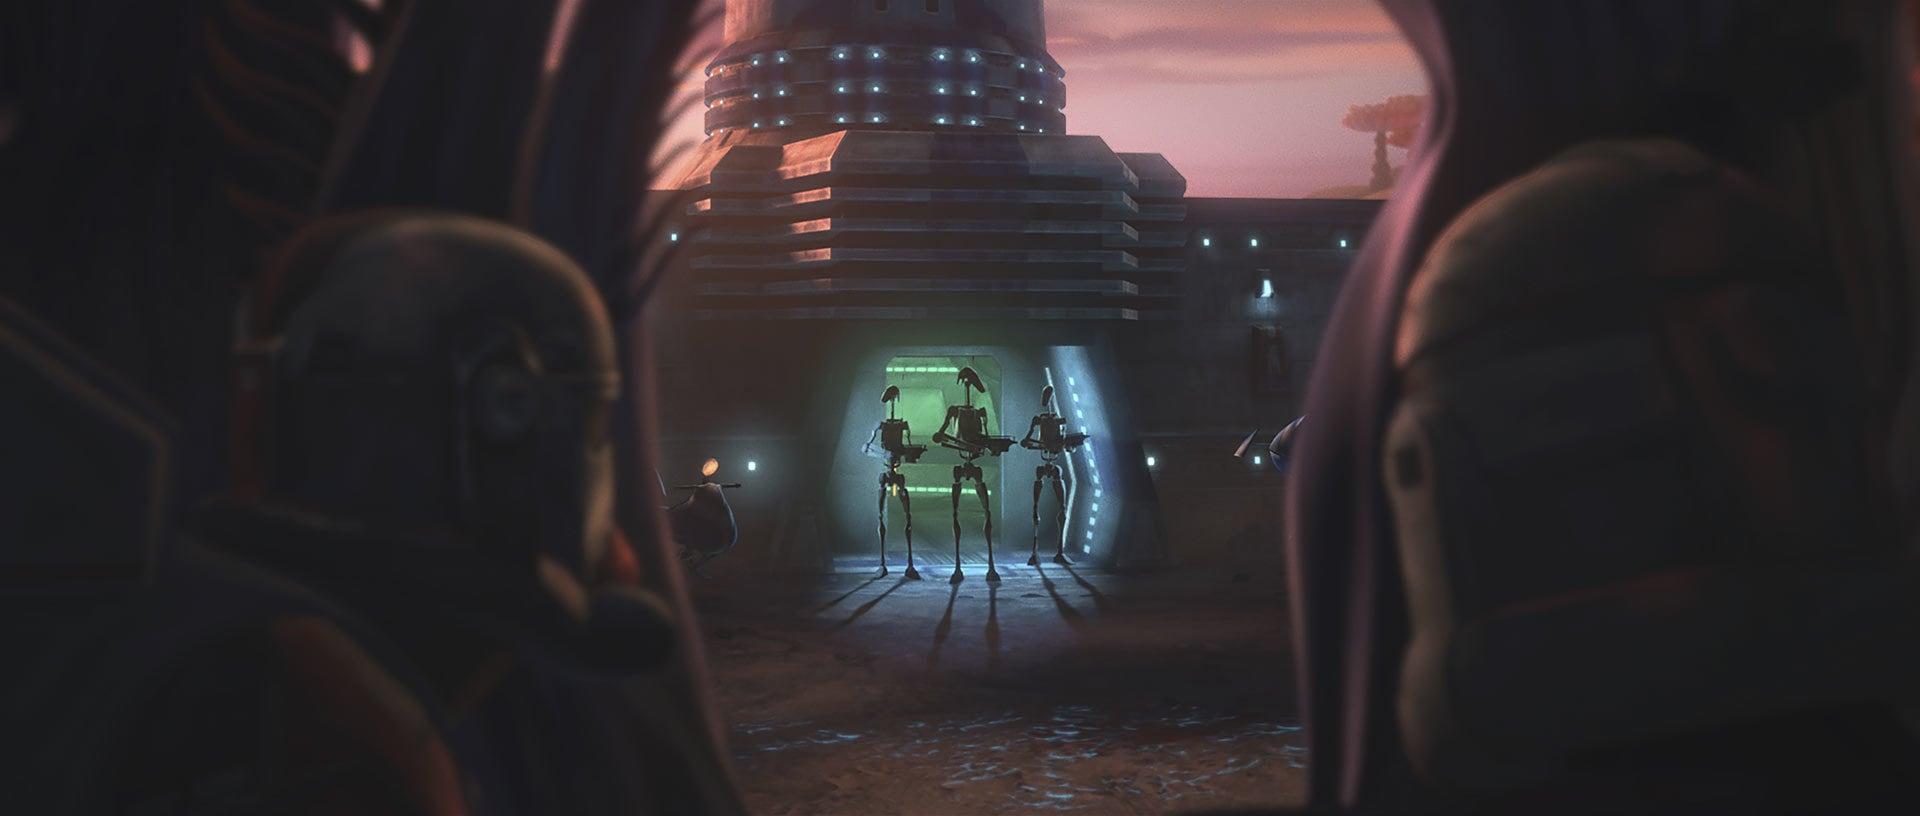 star wars the clone wars 7 sezon wojny klonow gwiezdne wojny recenzja disney plus 1